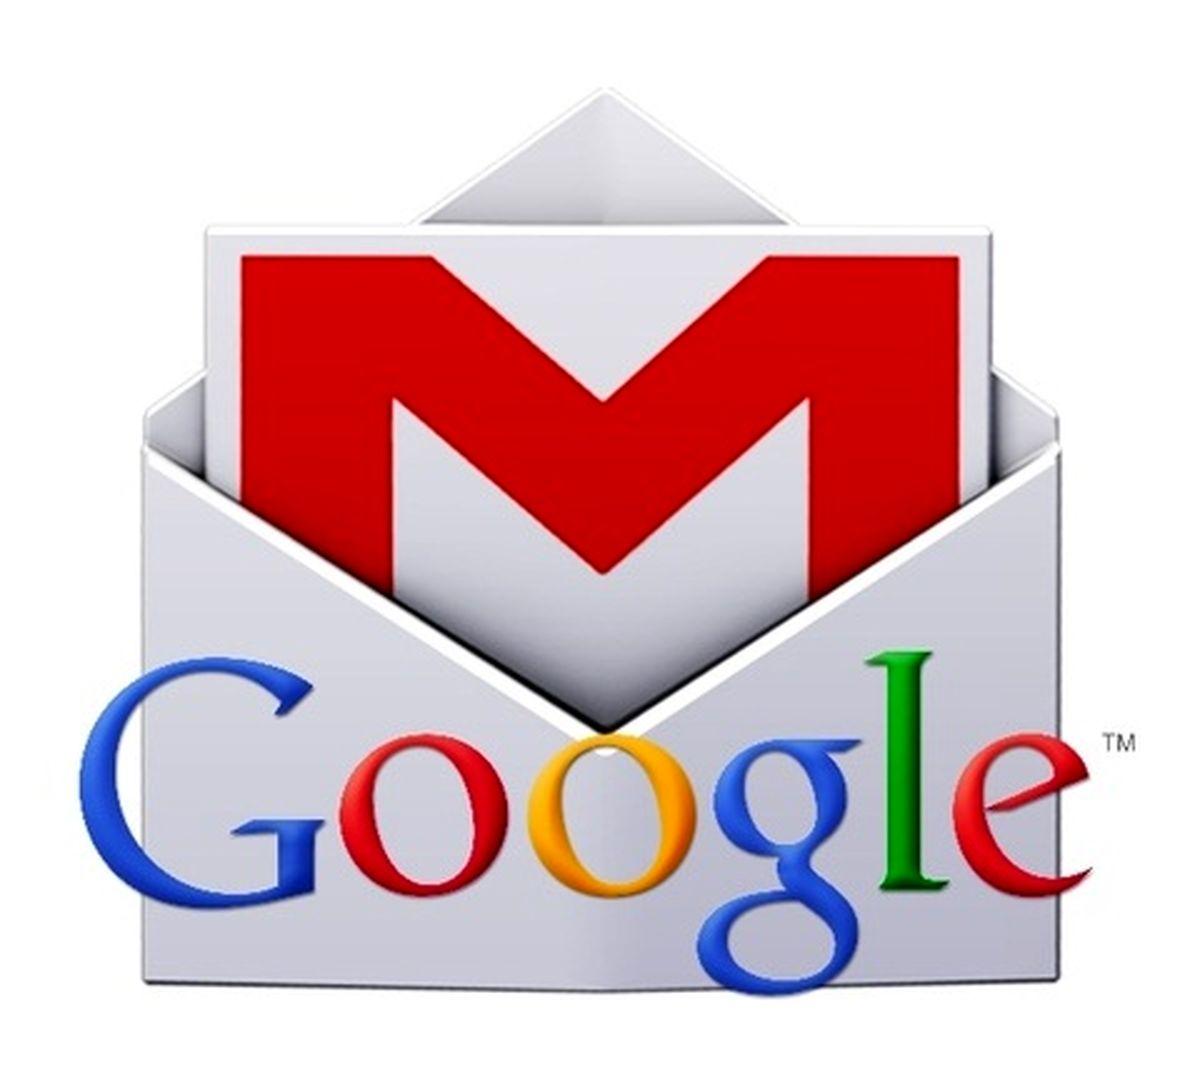 گوگل حسابهای ایمیل دولت افغانستان را قفل کرد